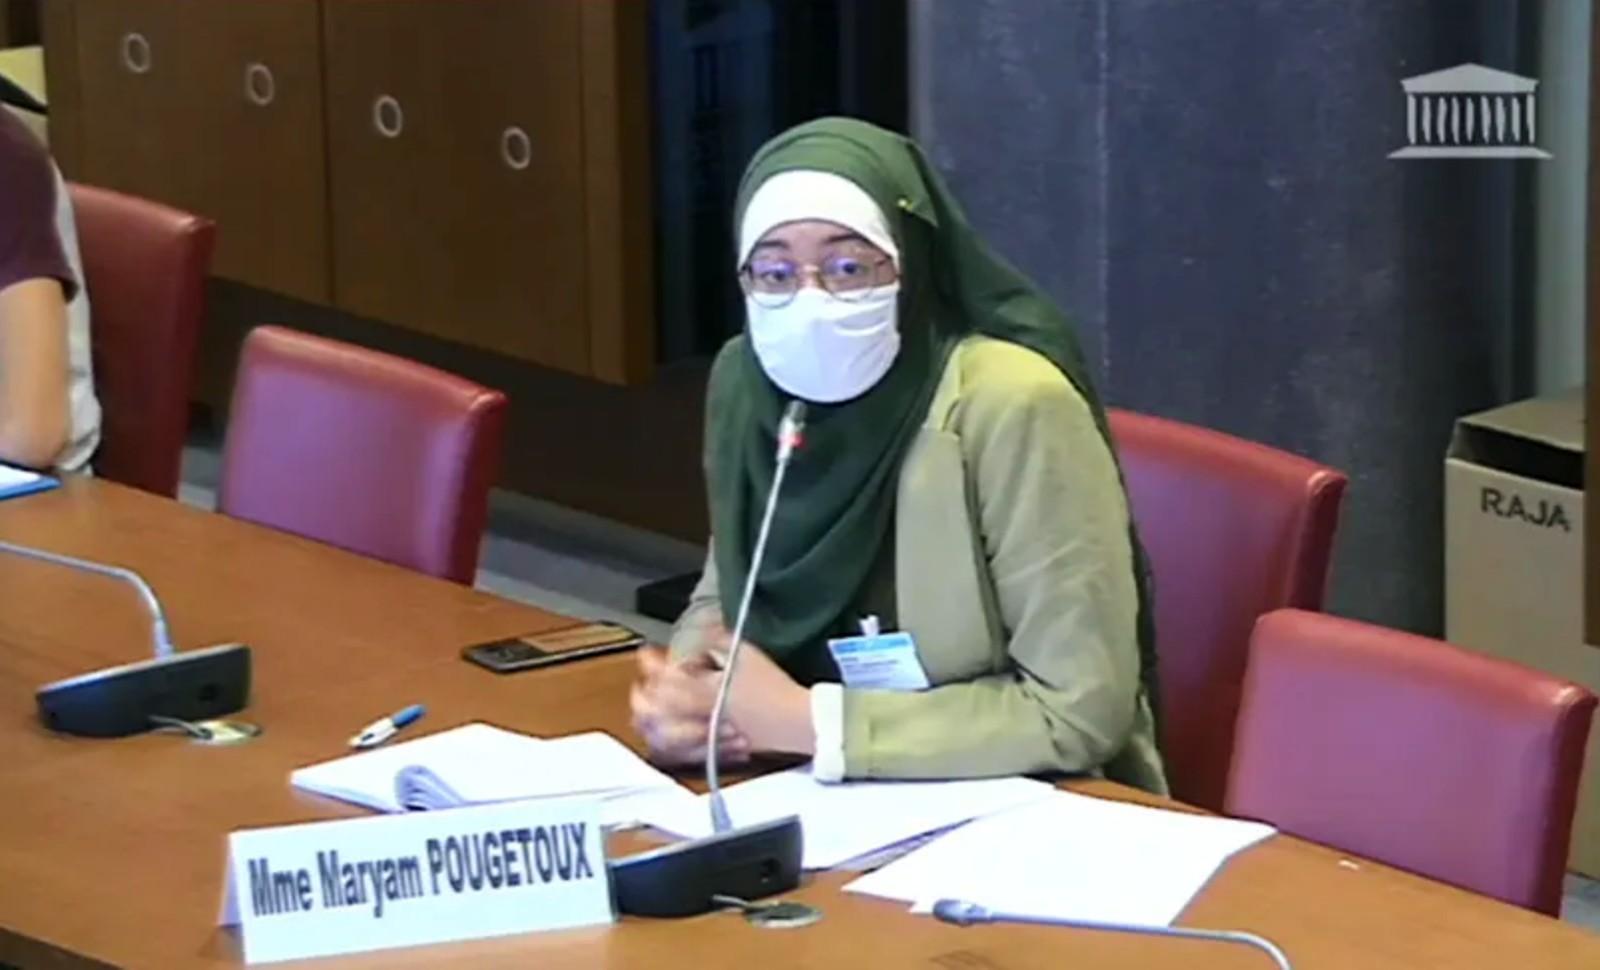 Le 17 septembre 2020, la représentante de l'UNEF Maryam Pougetoux a été autorisée à parler à l'Assemblée nationale dans un accoutrement islamiste. Image: Assemblée nationale.